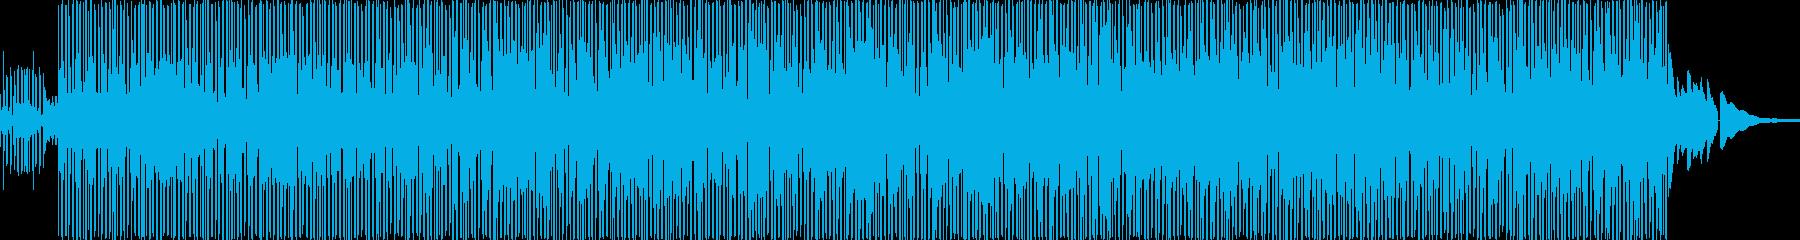 哀愁のあるアコースティックギターファンクの再生済みの波形